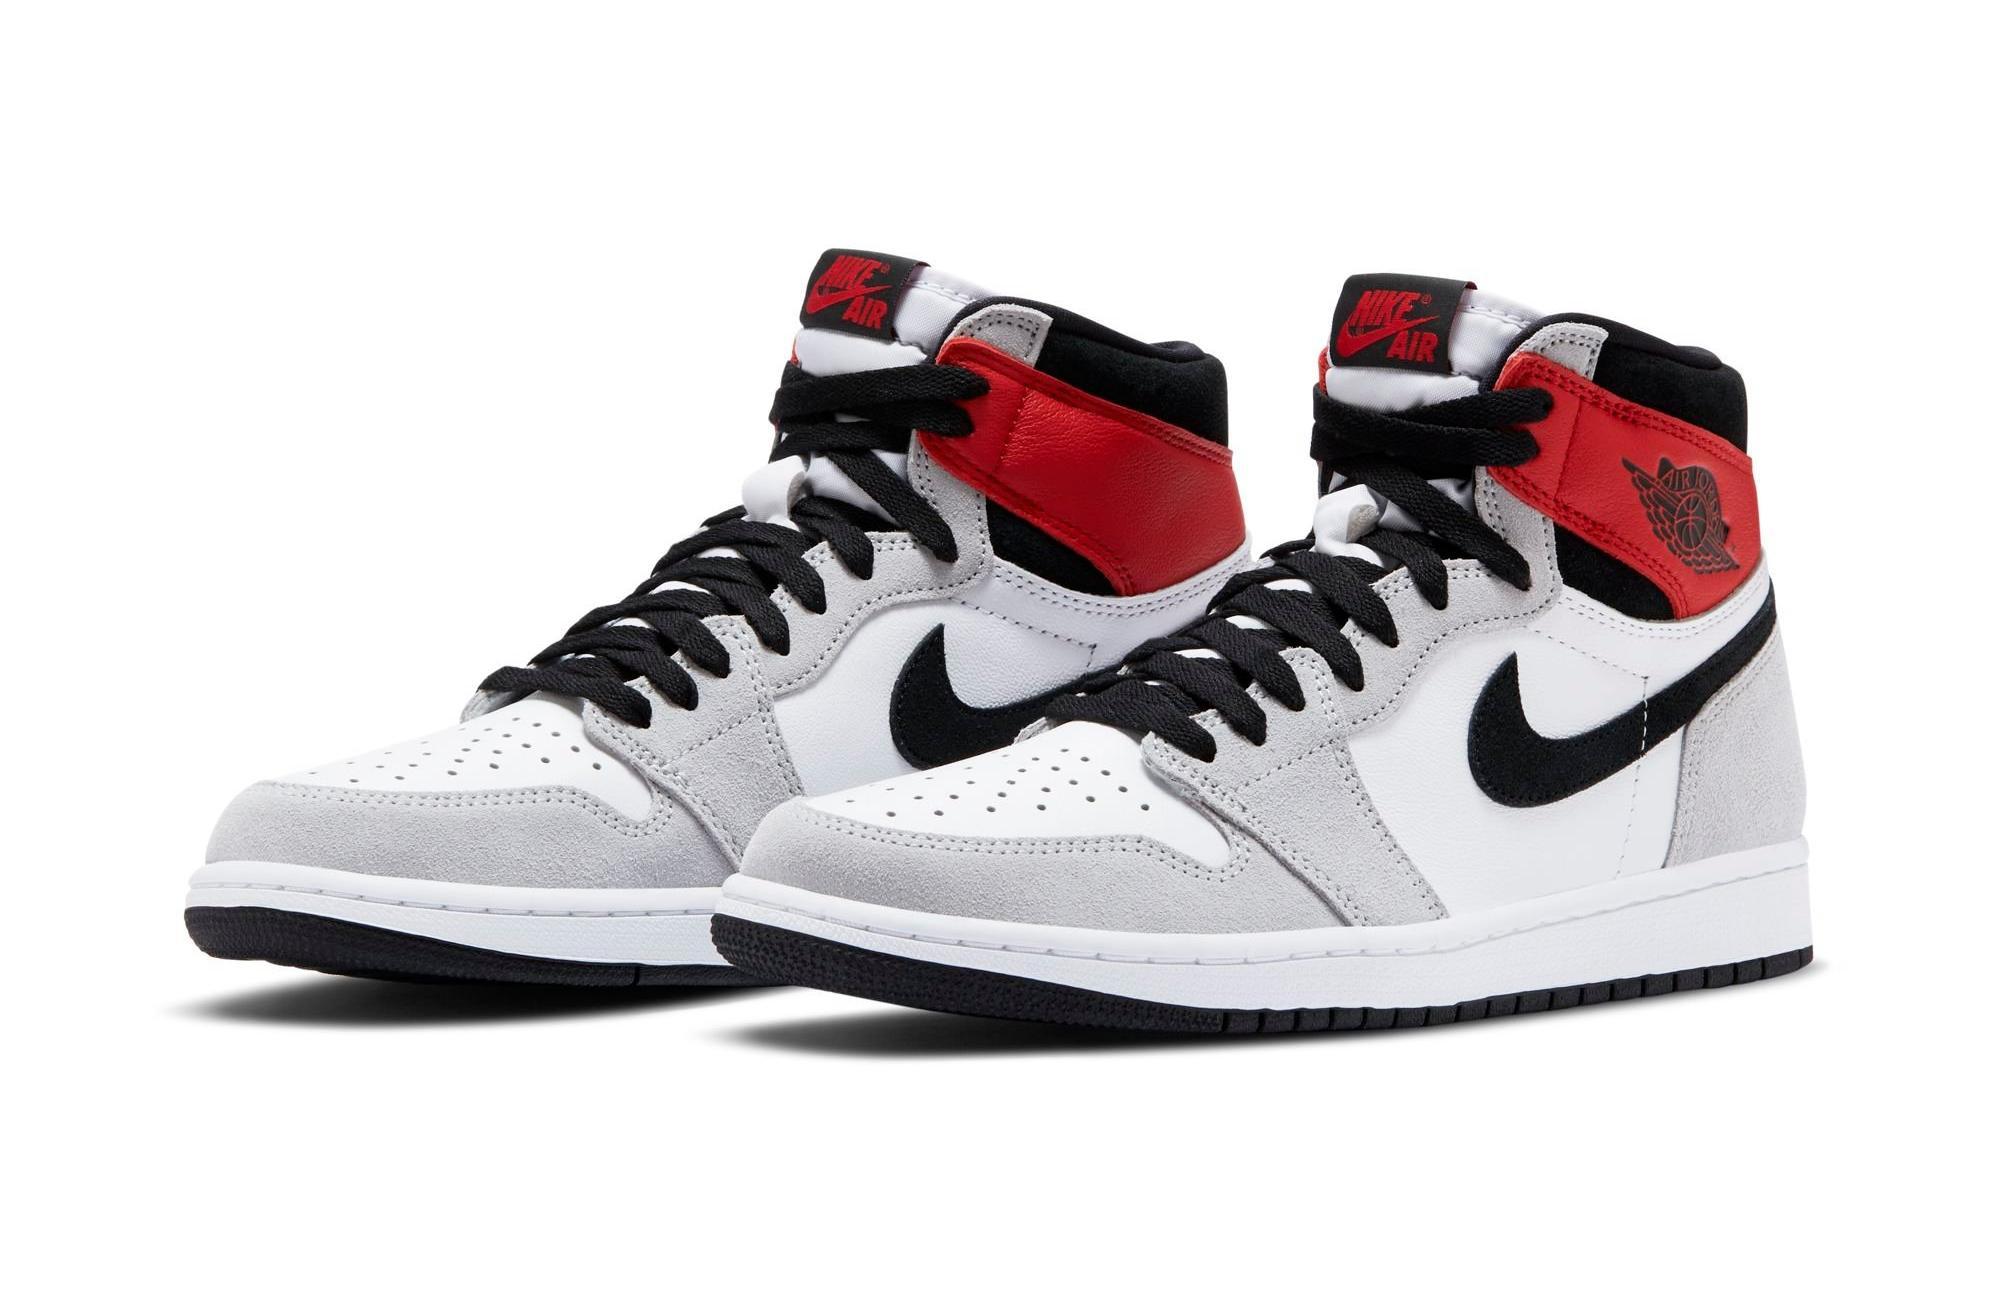 Sneakers Release Jordan 1 Retro High Og Light Smoke Grey White